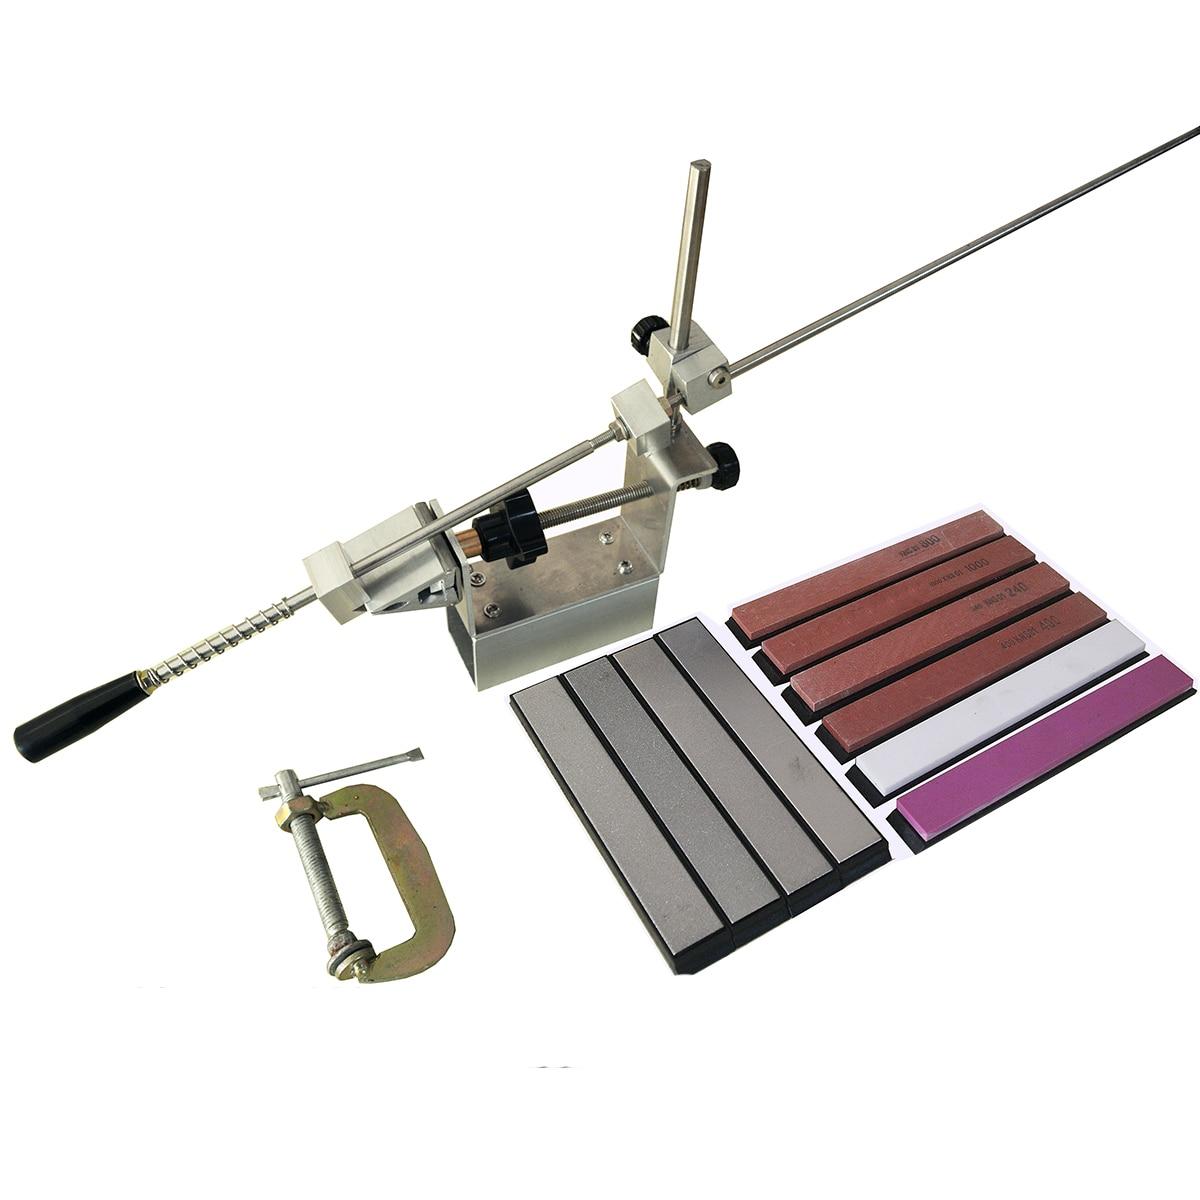 KME aiguiseur professionnel plus grand degré plus récent Portable 360 degrés Rotation couteau broyeur système un diamant whetstone